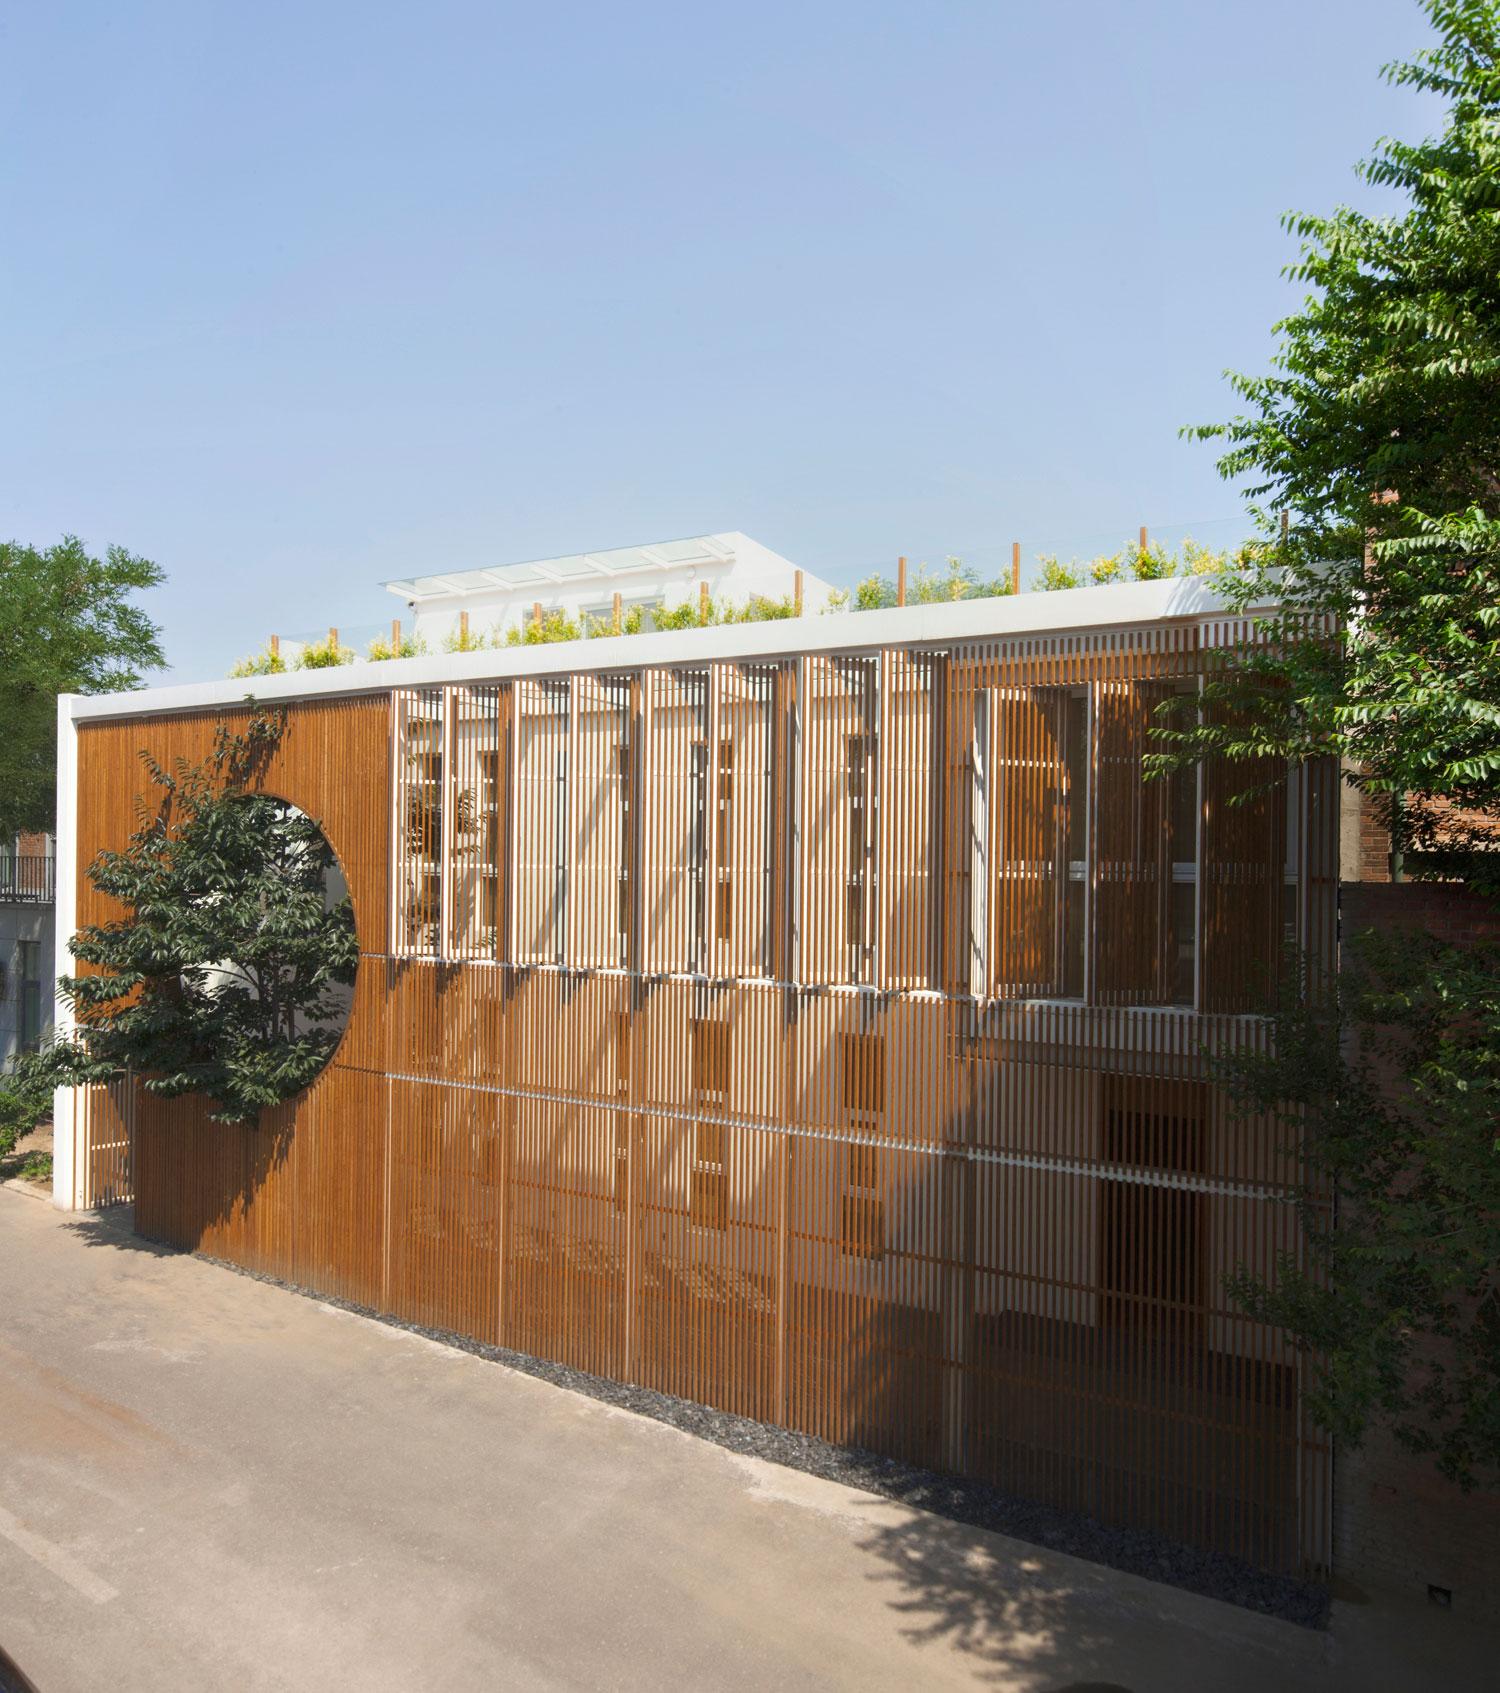 Elongated Industrial Box by Ding Hui Yuan Zen & Tea Chamber by He Wei   Yellowtrace